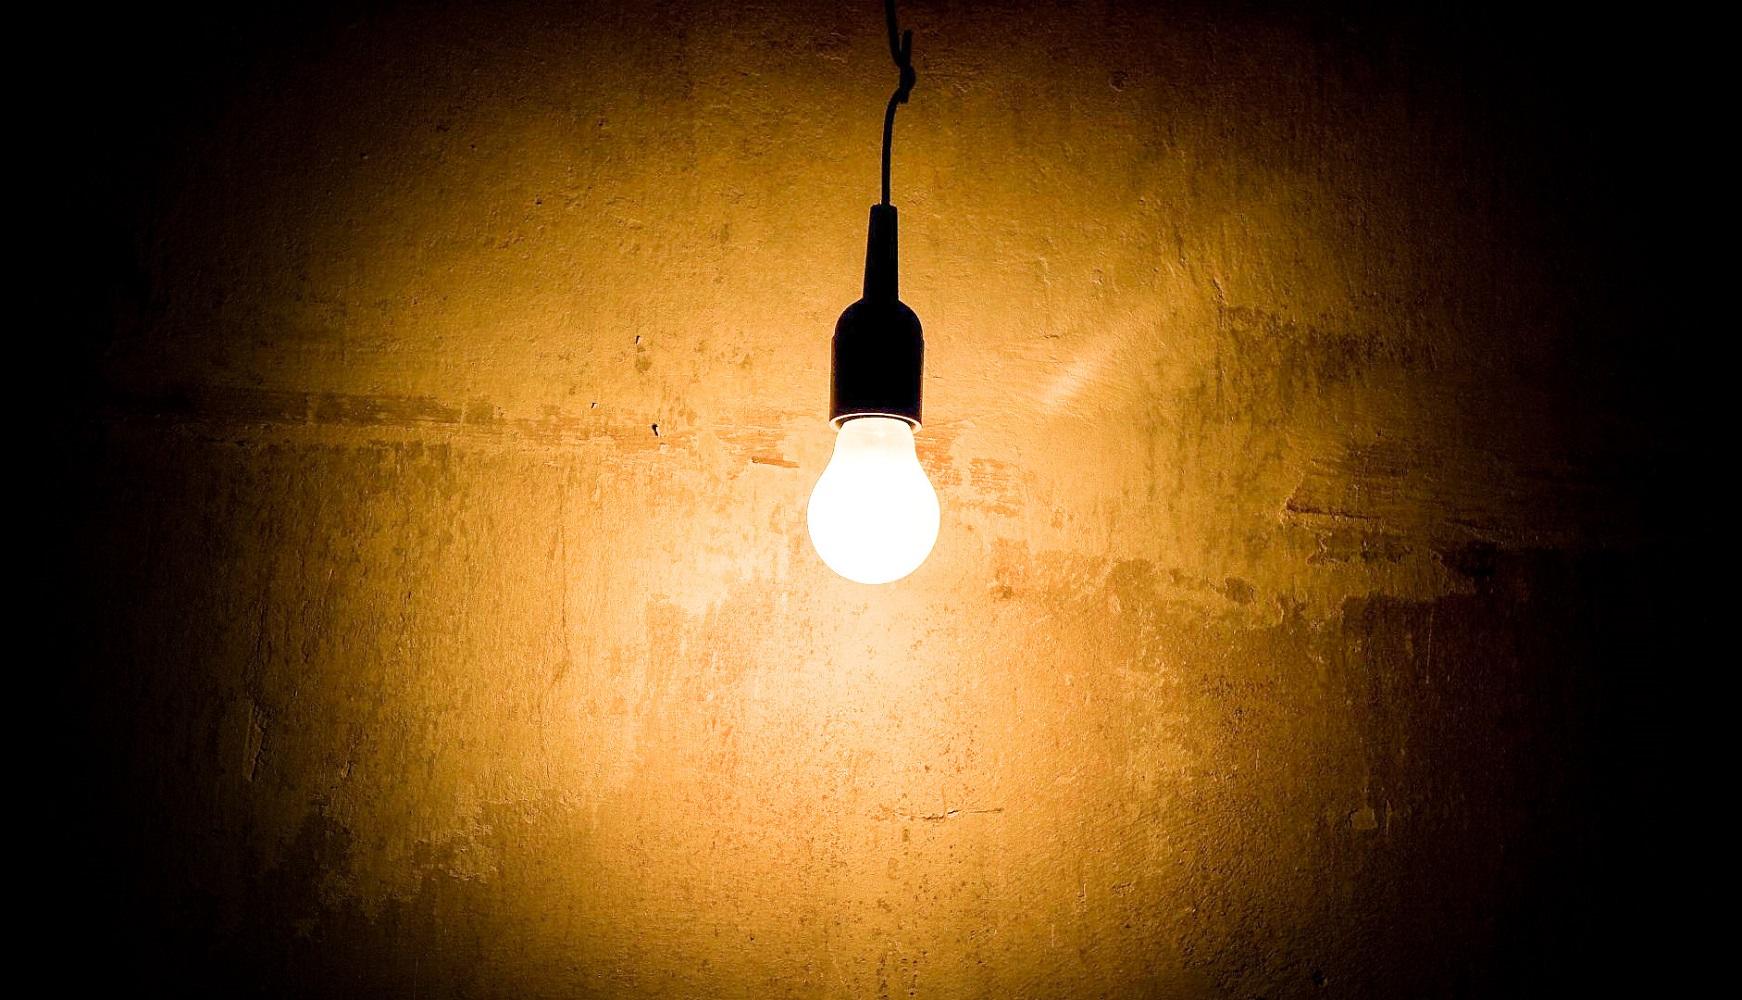 La Luce Leuchten : la notte non spengo la luce il primo e book di gennaro esposito l 39 interessante ~ Sanjose-hotels-ca.com Haus und Dekorationen